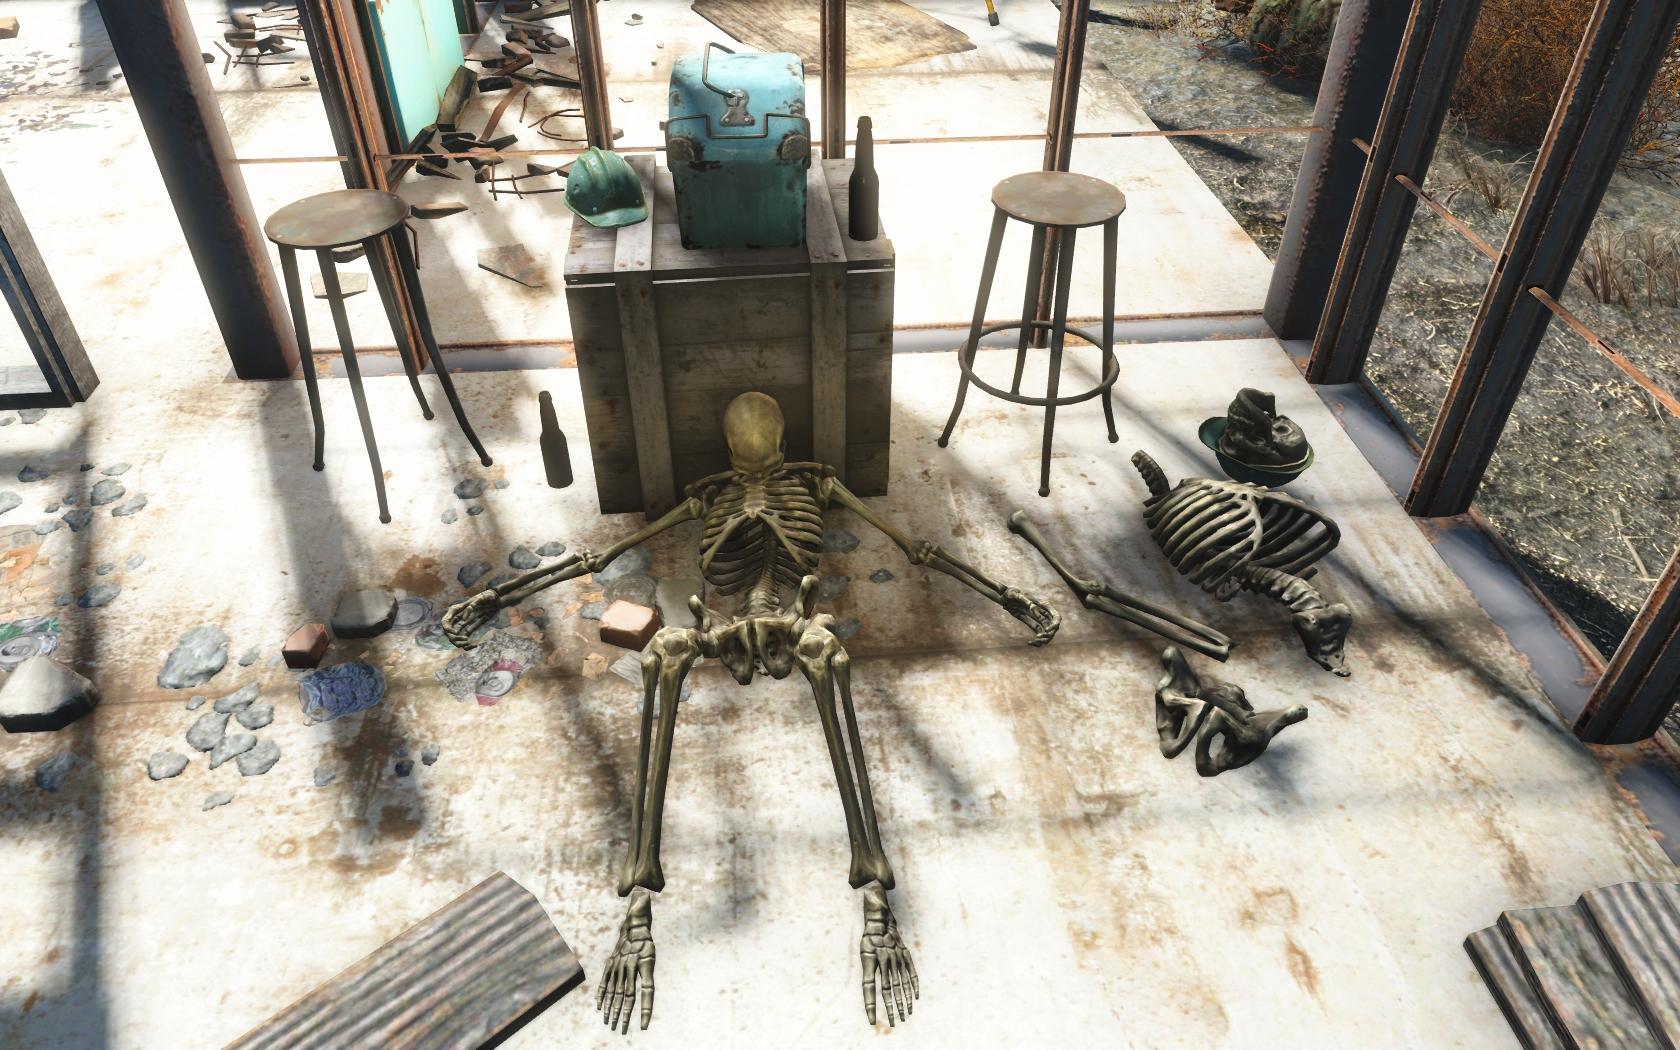 Скелет (восточнее Лодочного домика Таффингтона) - Fallout 4 Лодочный домик Таффингтона, Скелет, Юмор